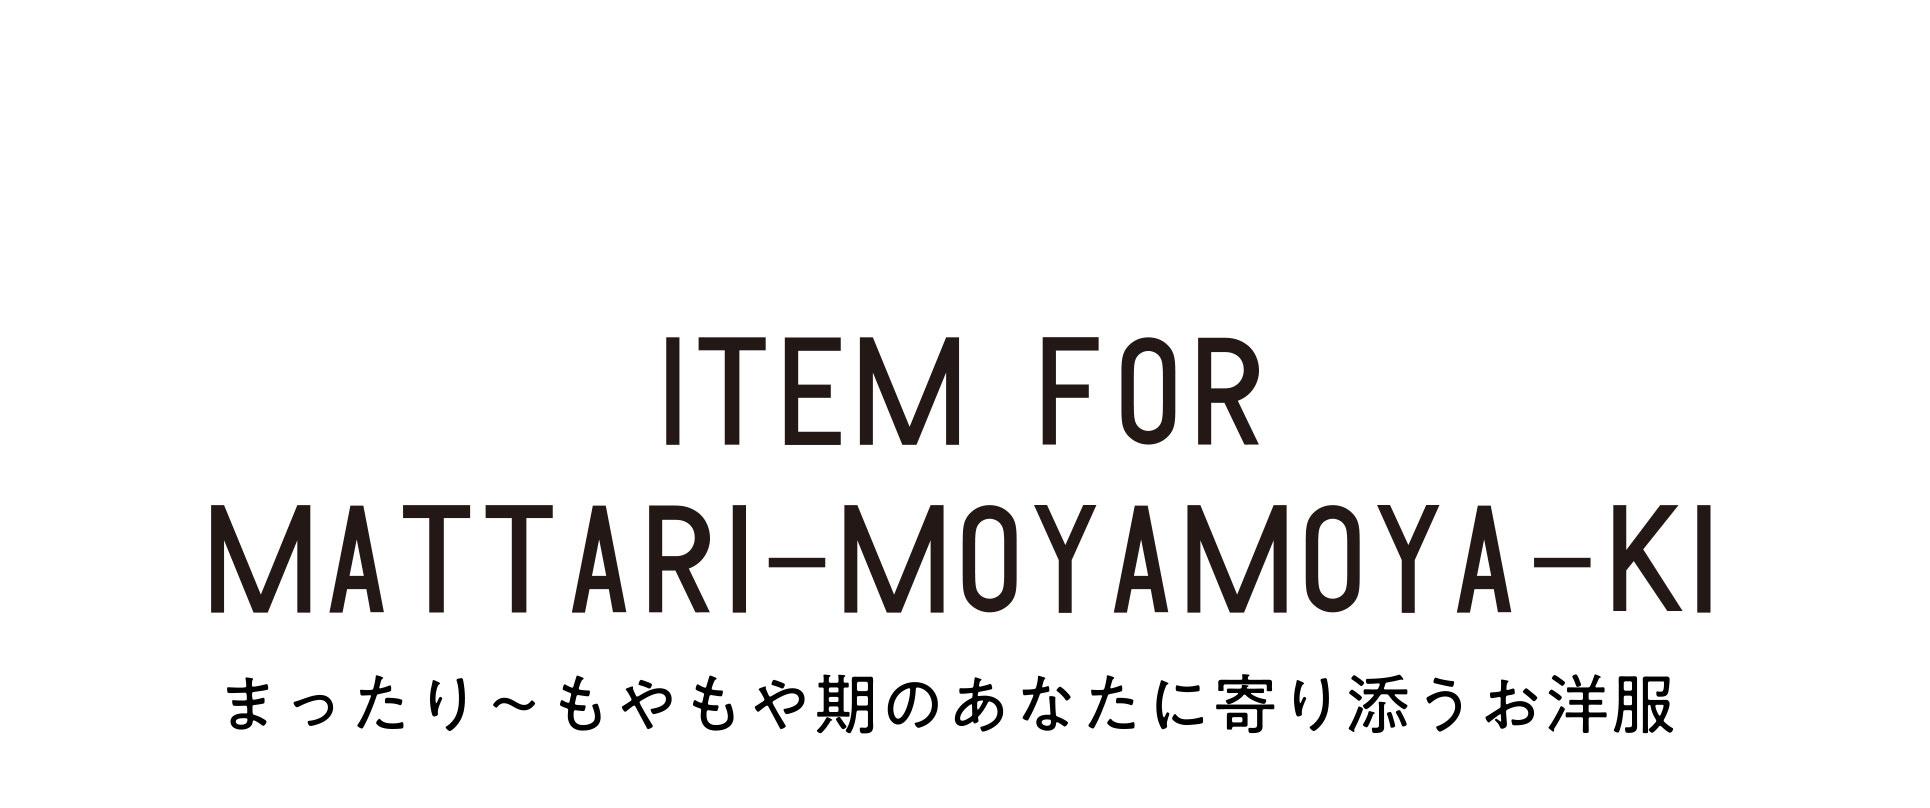 ITEM FOR MATTARI-MOYAMOYA-KI まったり~もやもや期のあなたに寄り添うお洋服